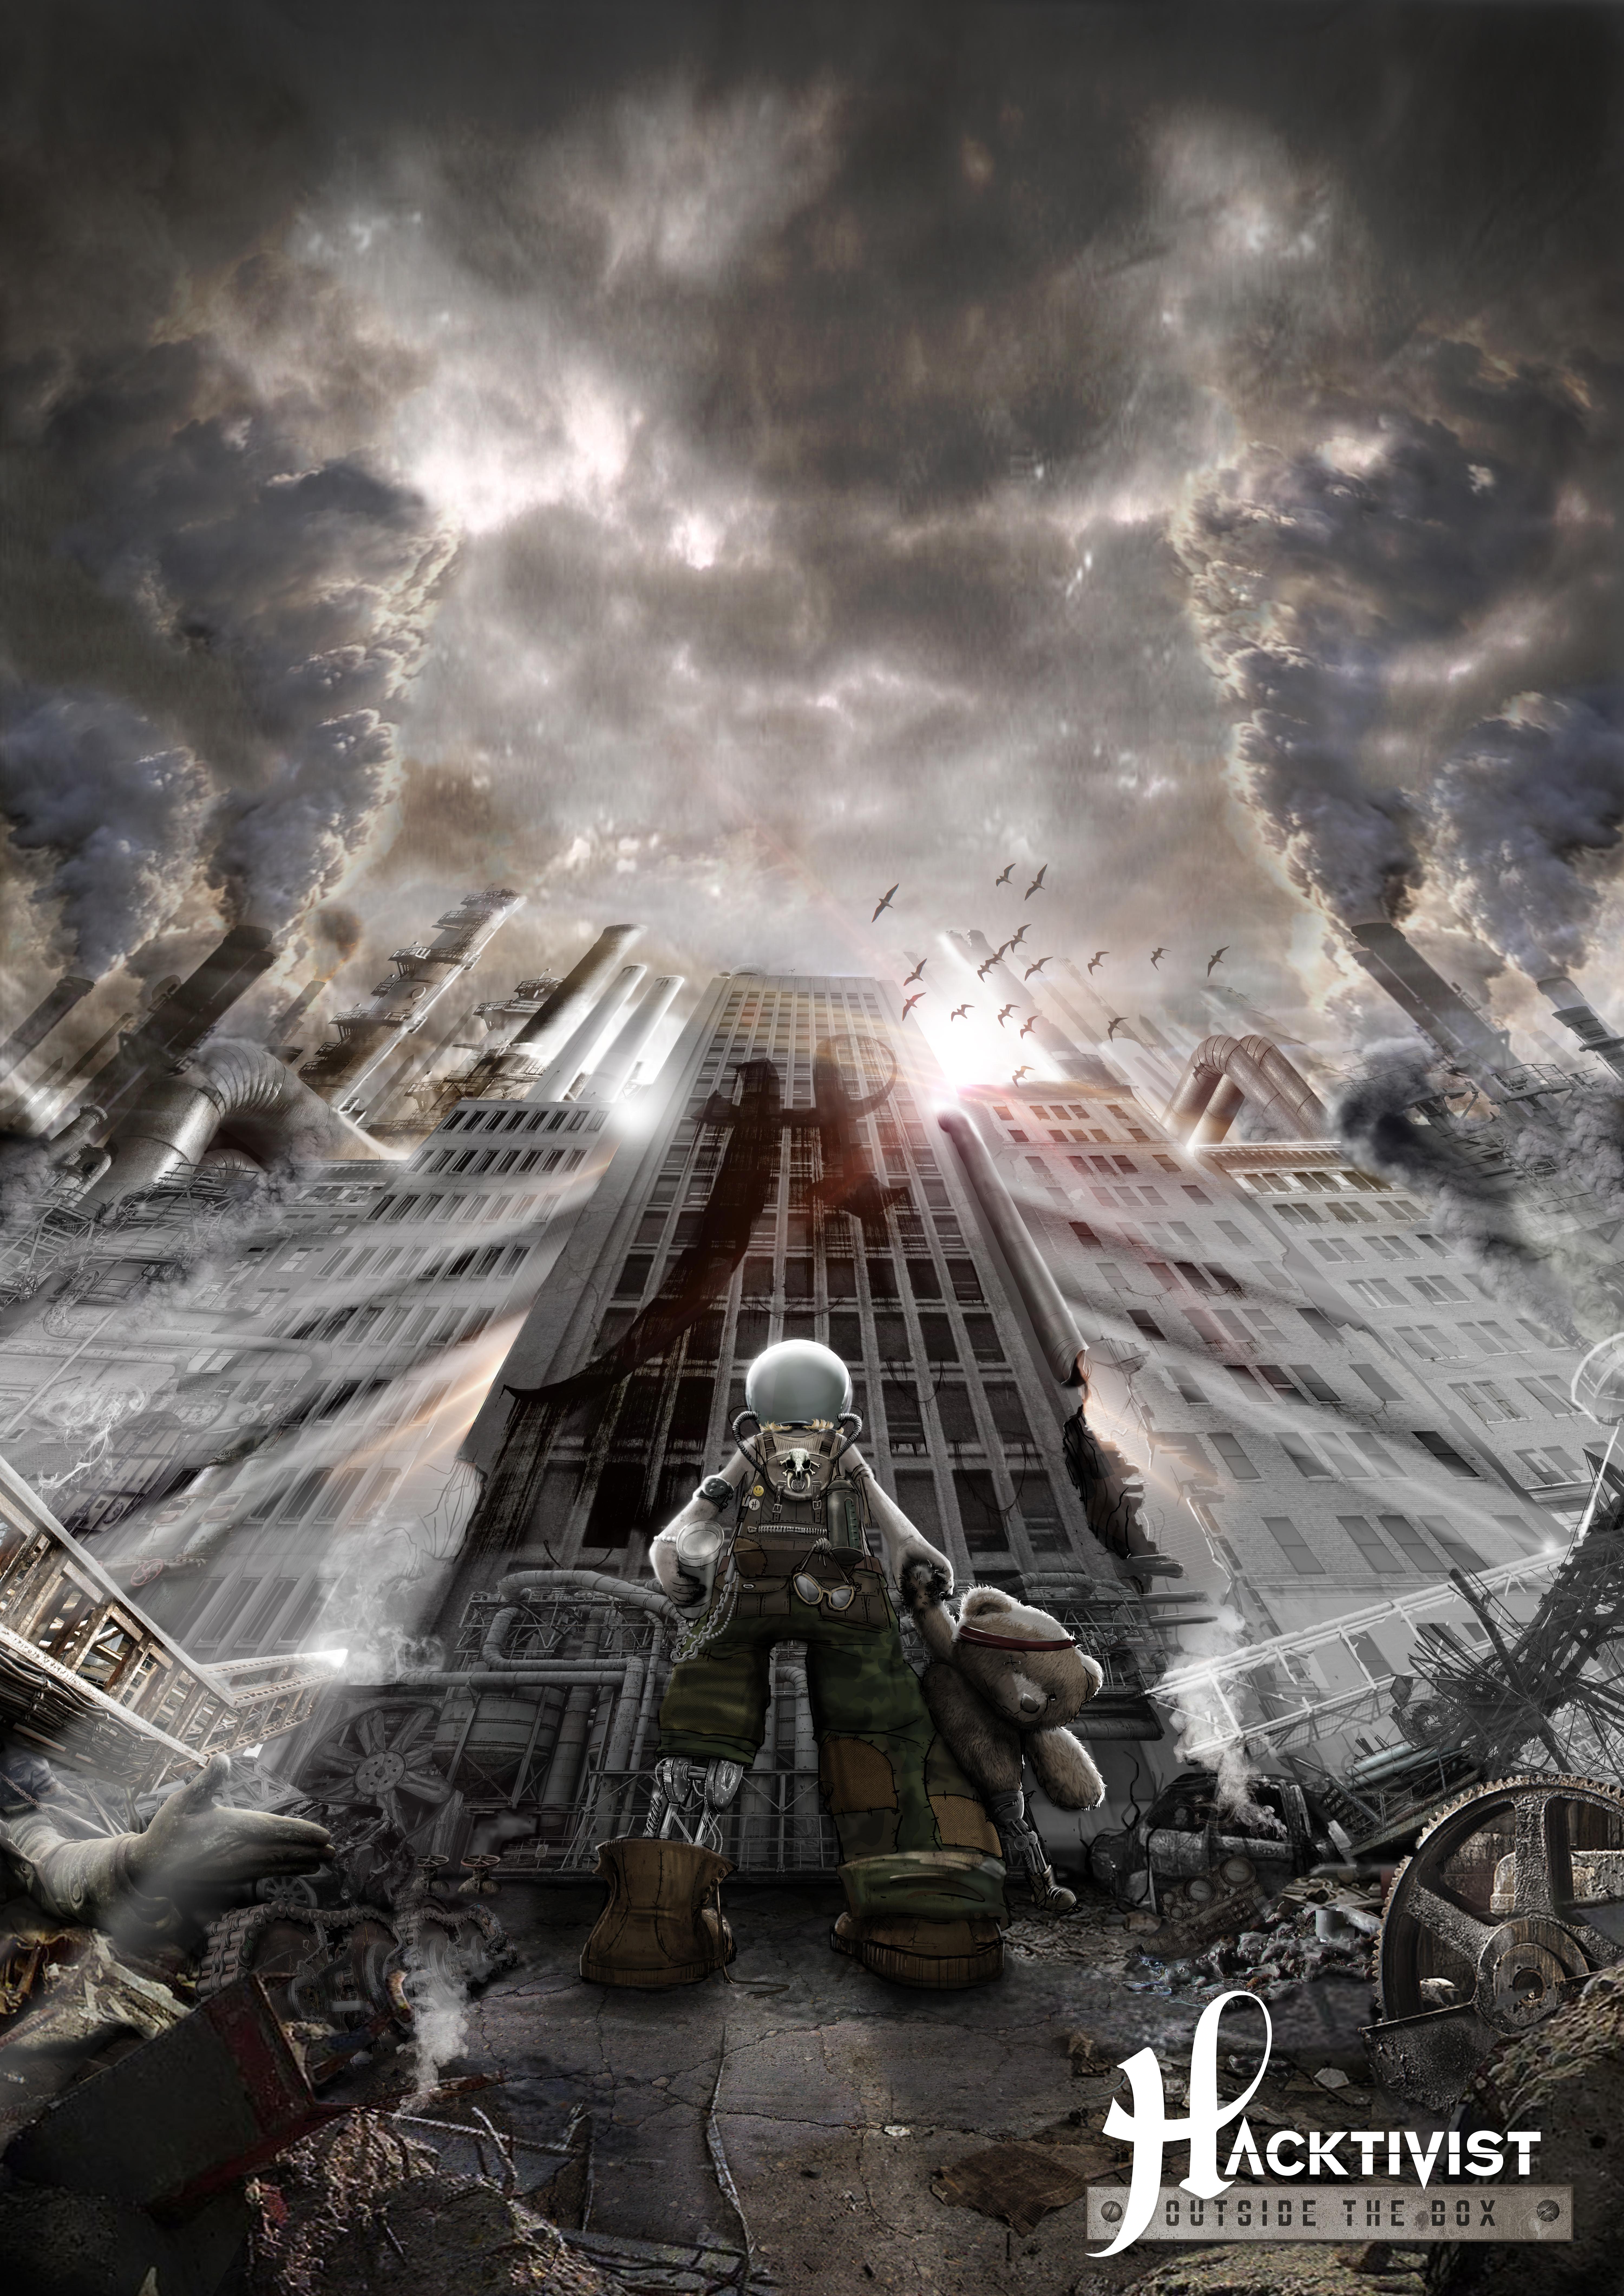 Hacktivist album cover